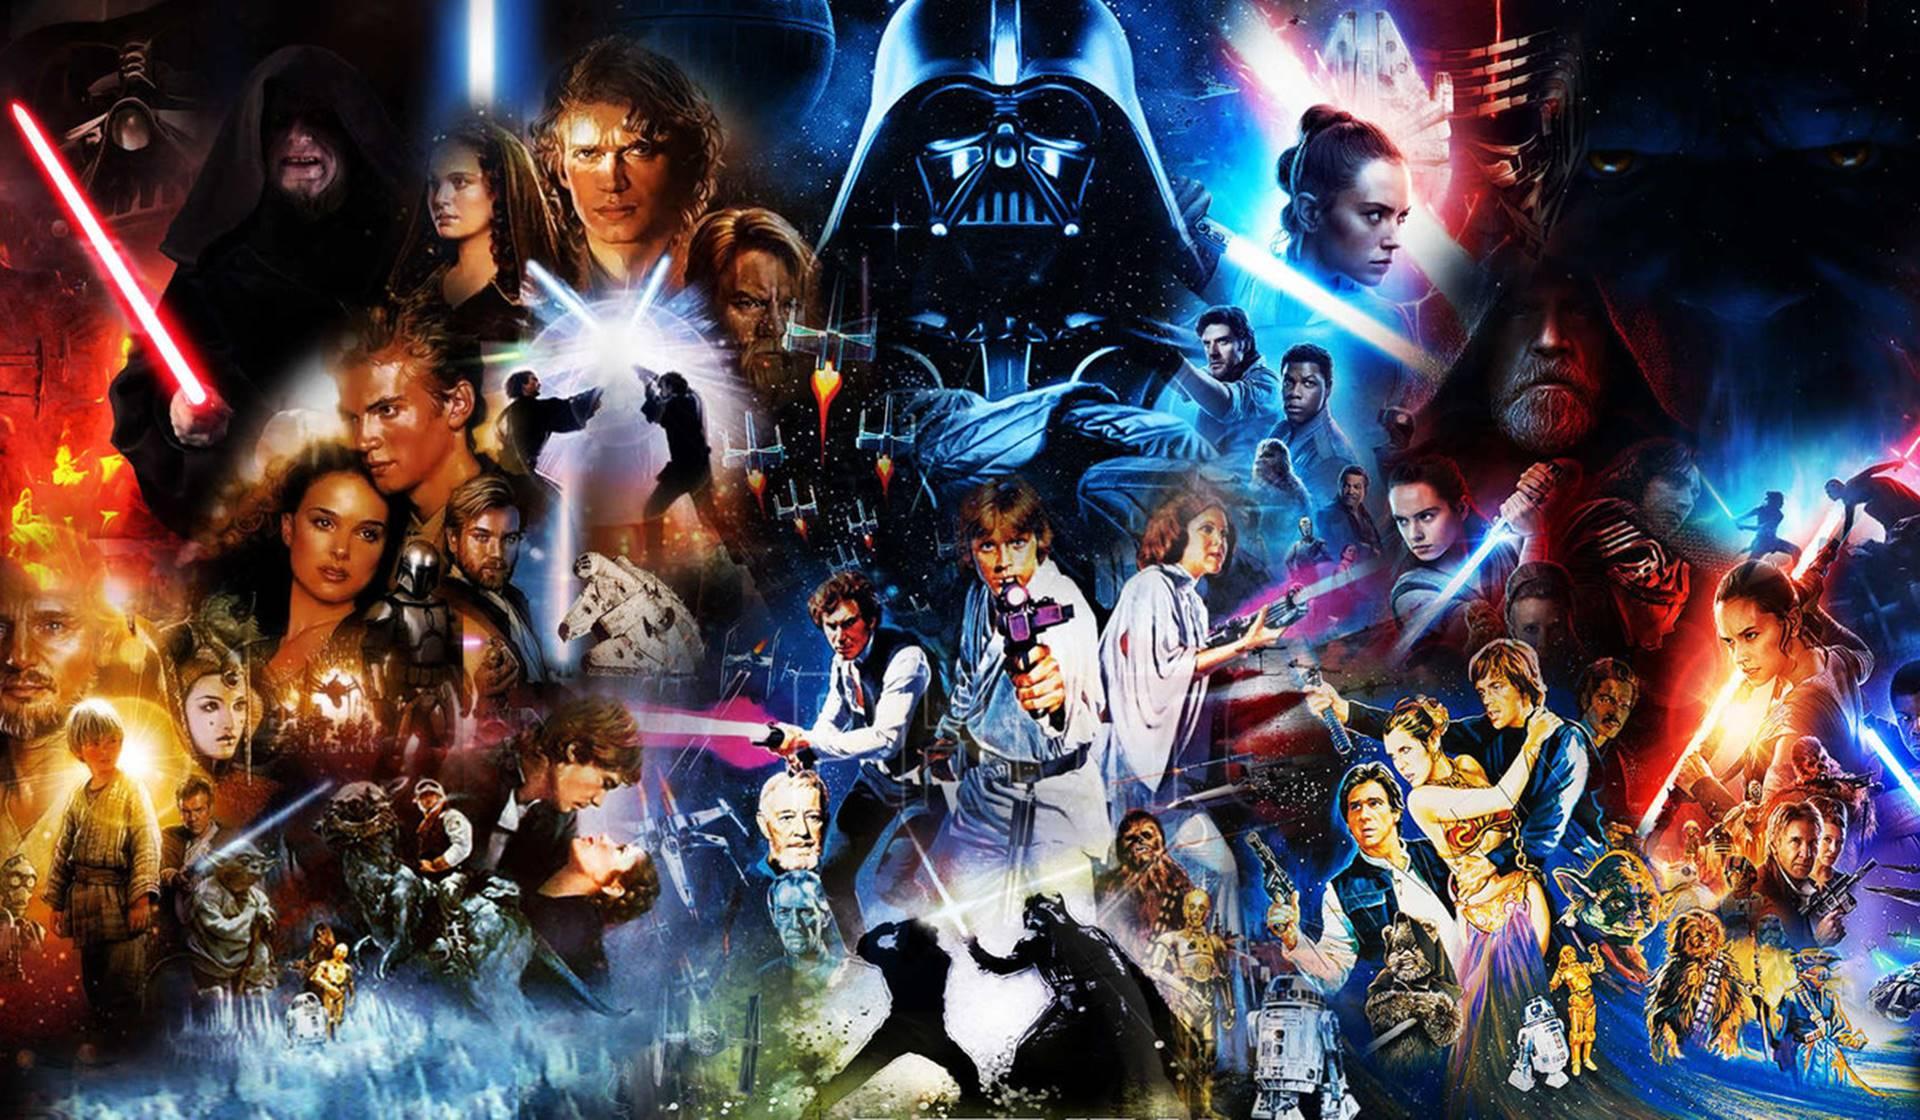 Furius Fan vs. Star Wars